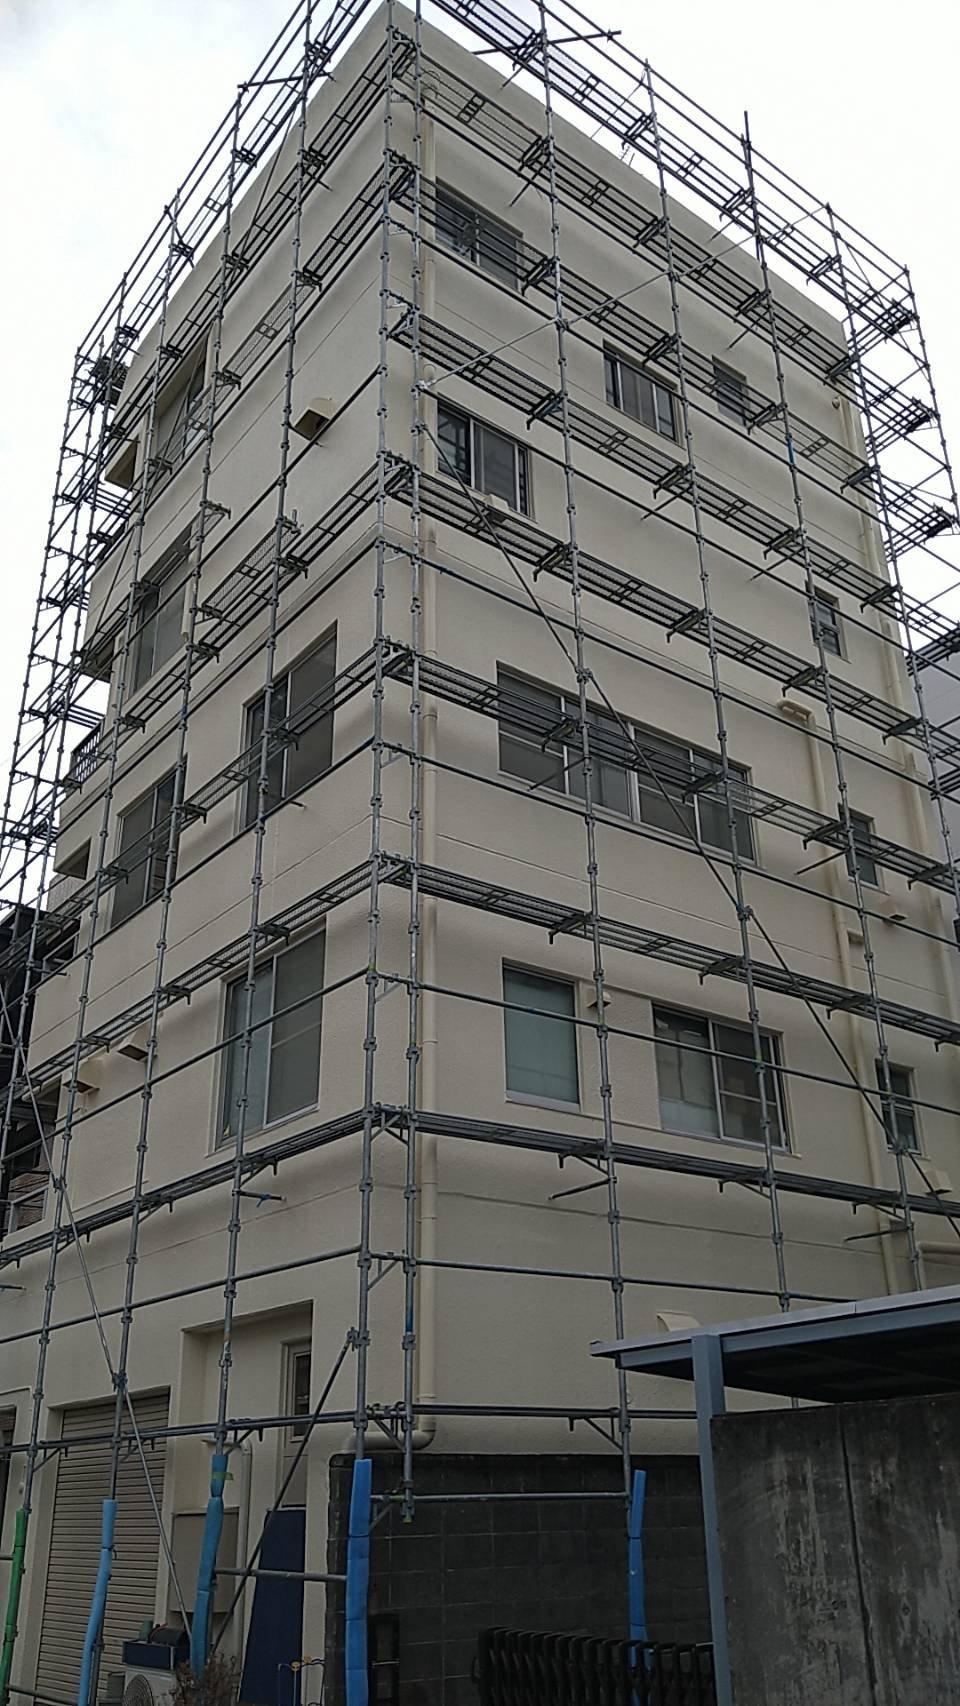 野崎工業 足場工事施工事例          神奈川県横須賀市小川町                                                                                       外壁塗装工事